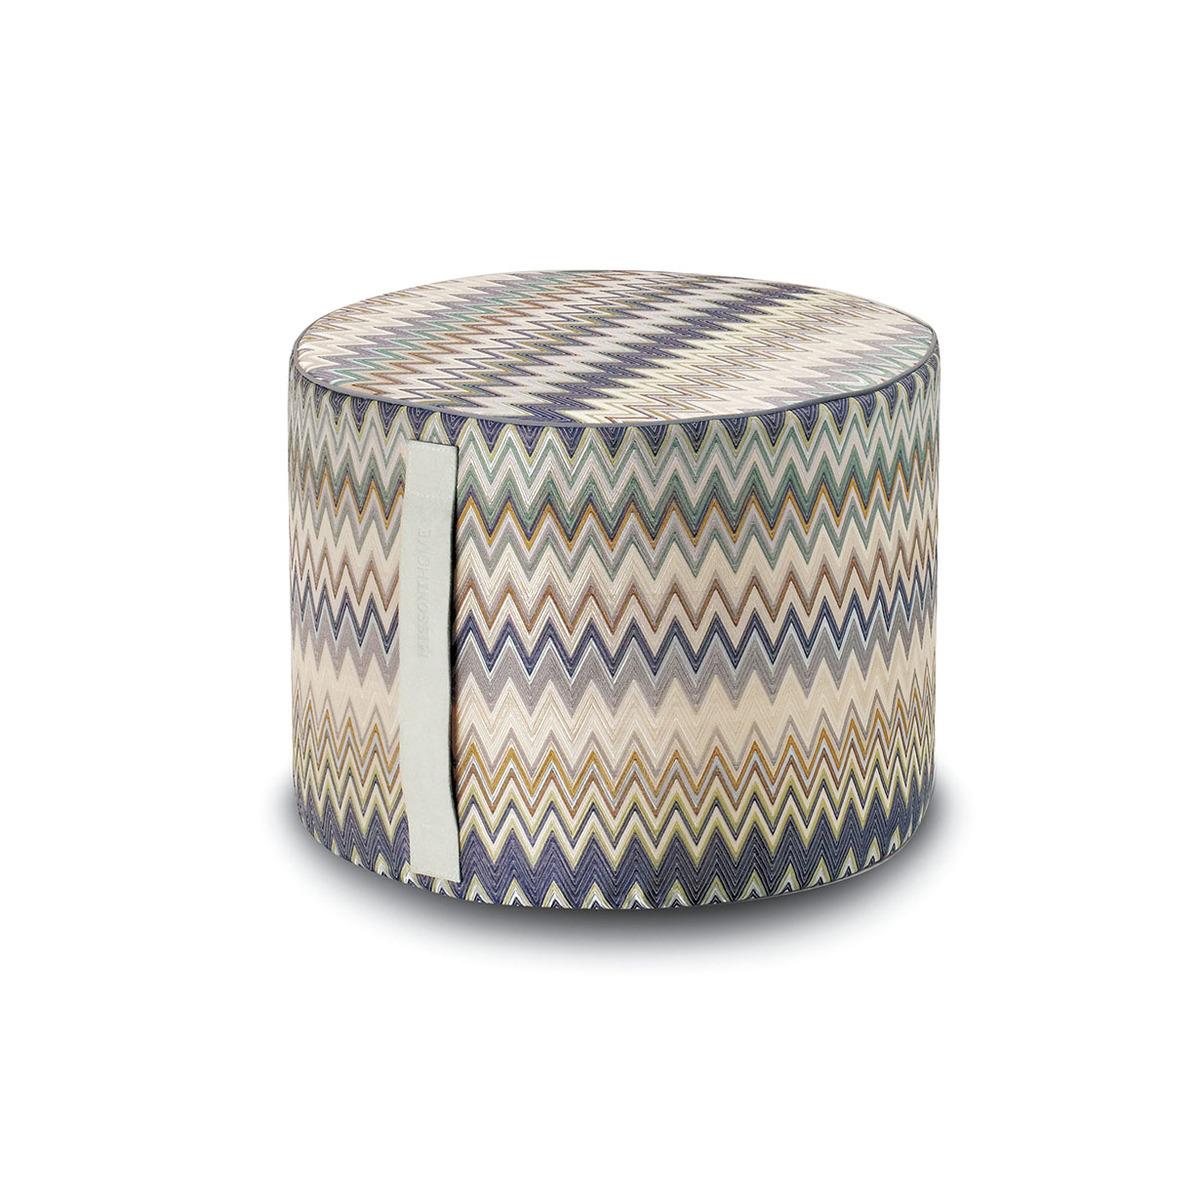 Missoni Home Cordula Easy Chair: Masuleh Ottoman By Missoni HOME